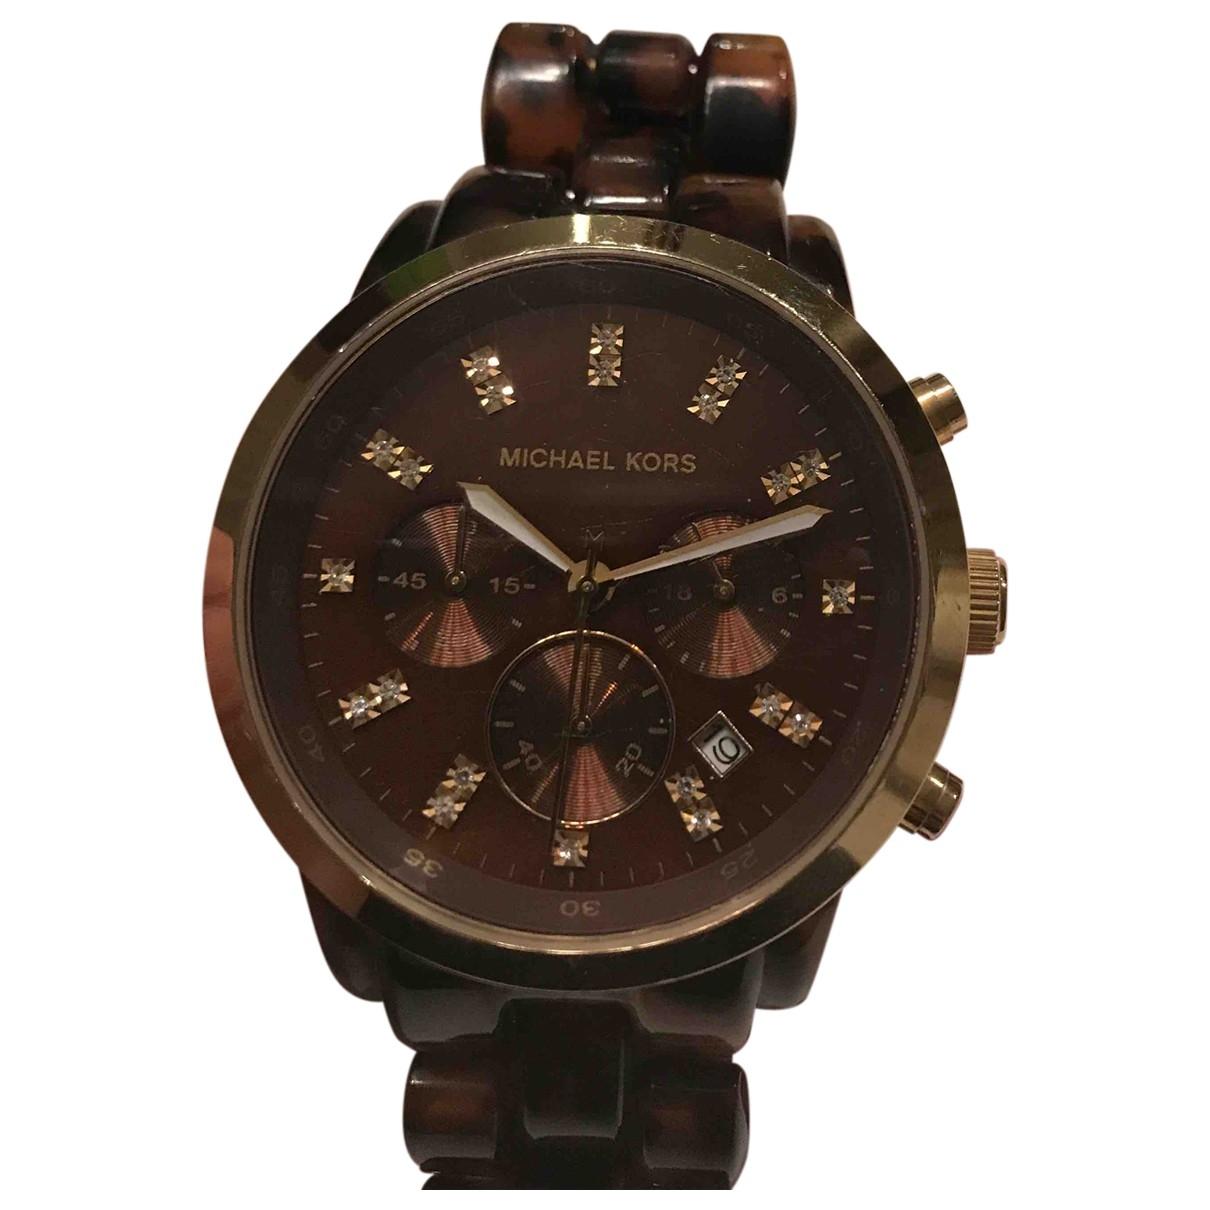 Michael Kors \N Brown Ceramic watch for Women \N